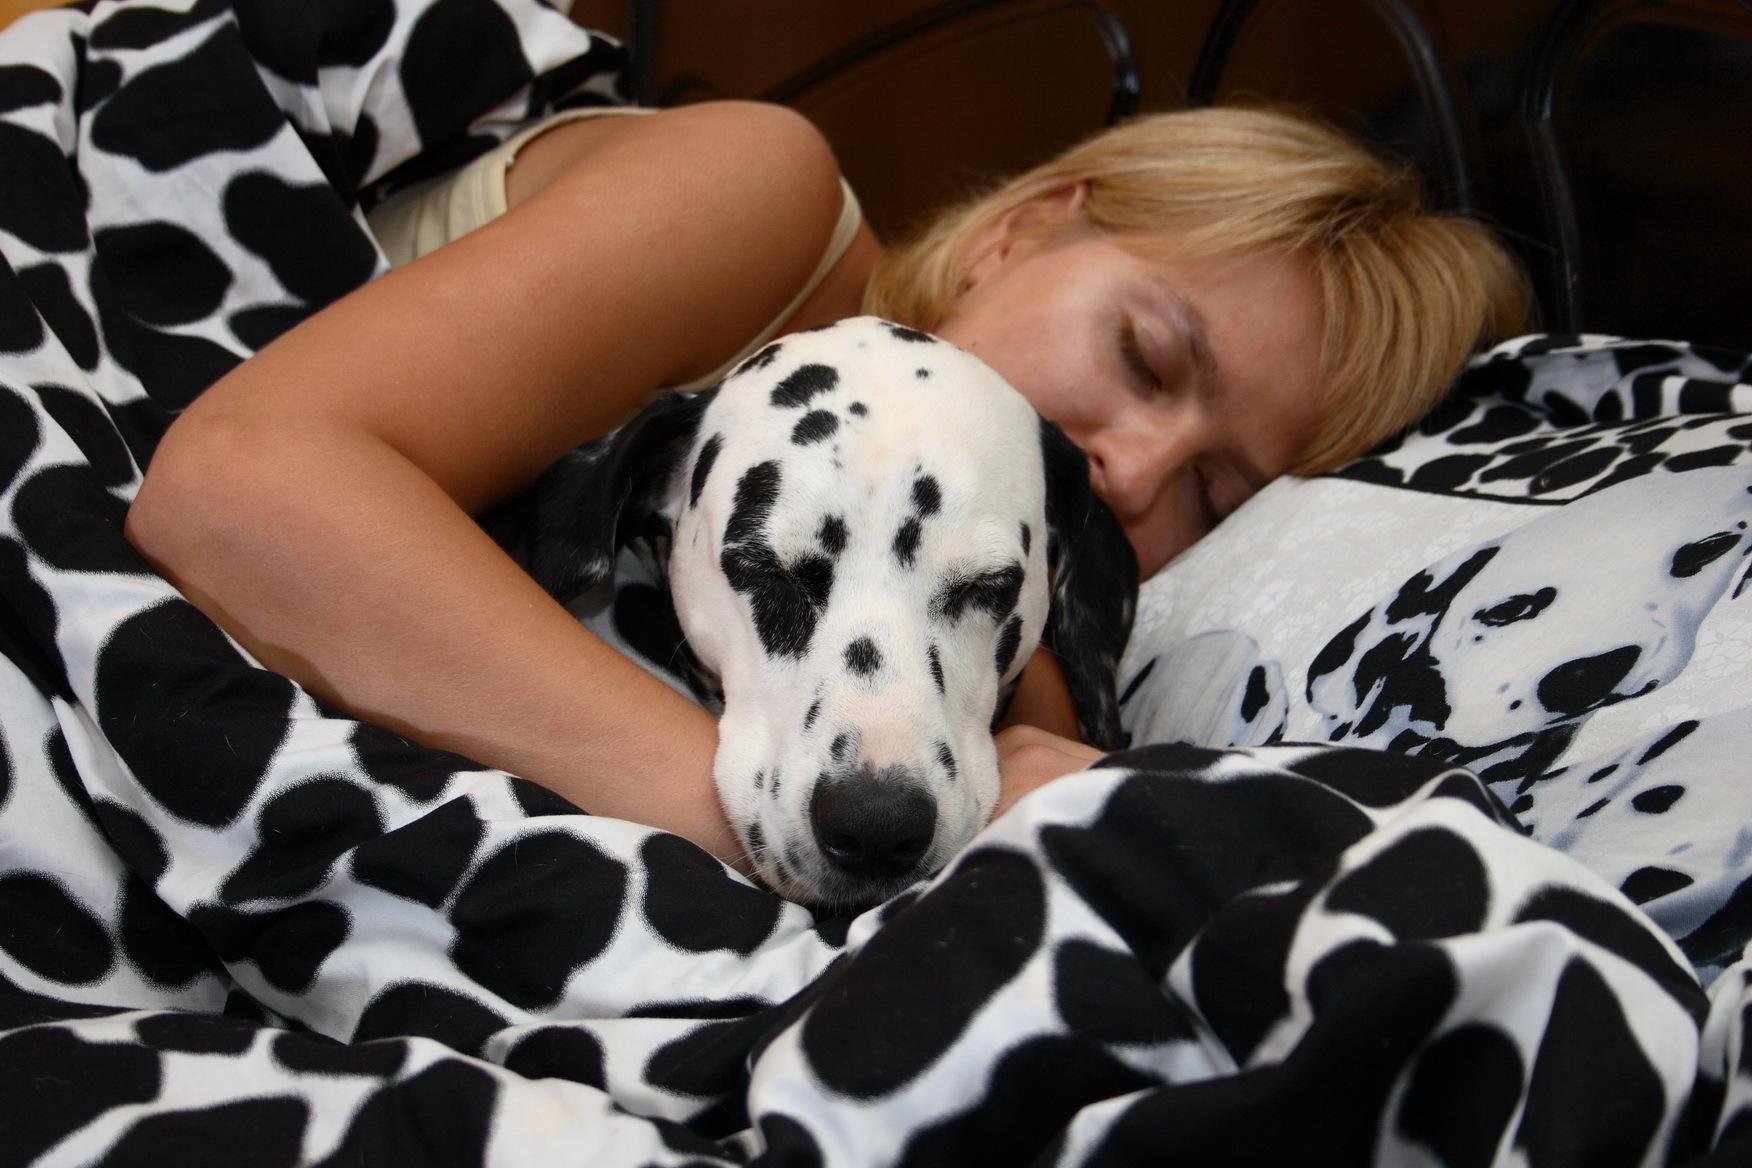 Буквально 10 минут на простые упражнения перед сном - и крепкий сон обеспечен.